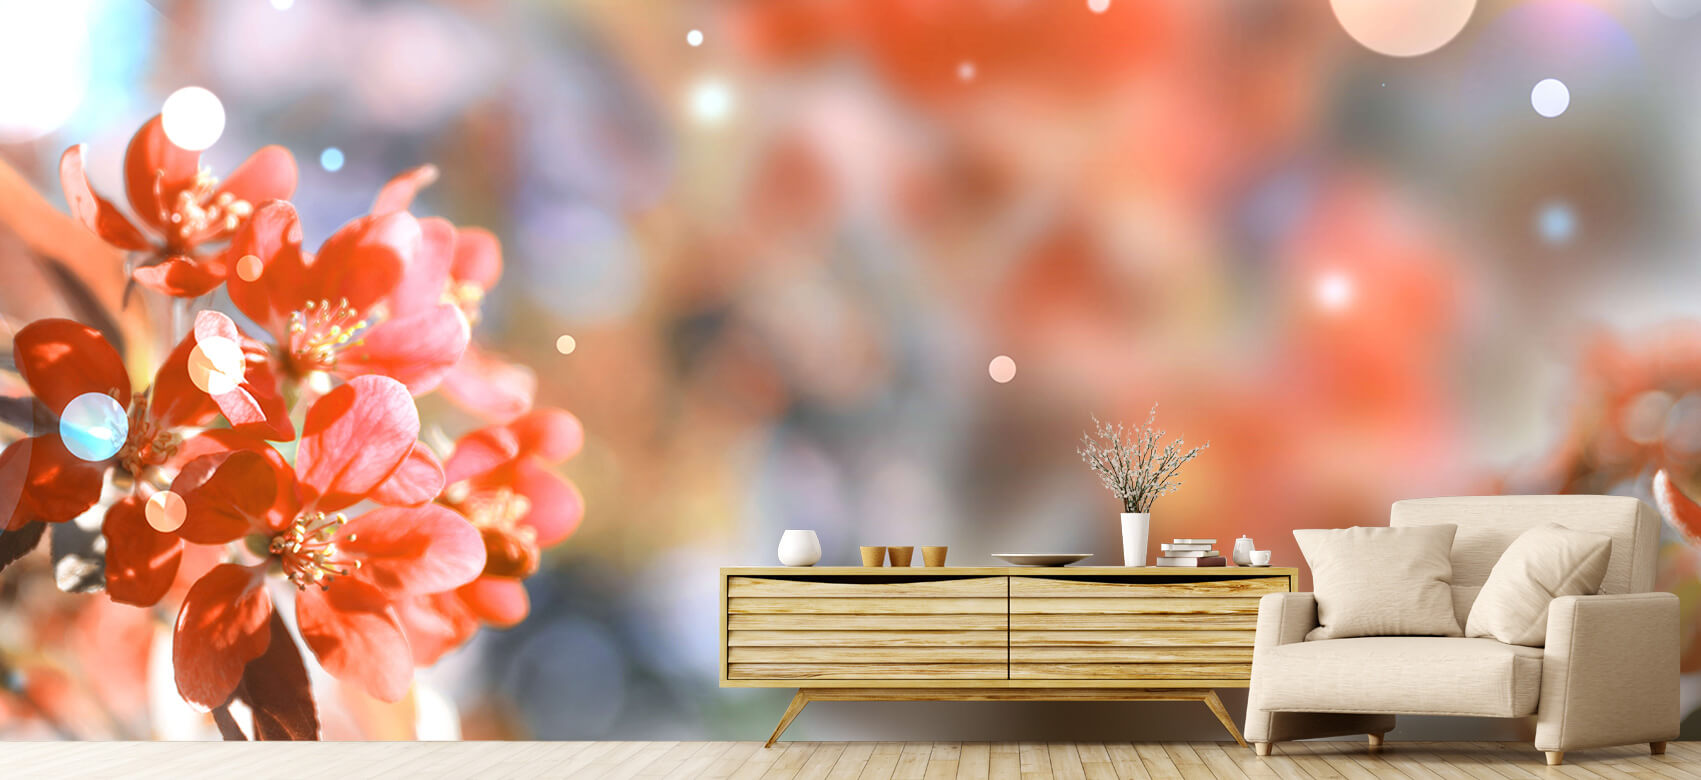 Natuur Bloeiende voorjaarsboom 1